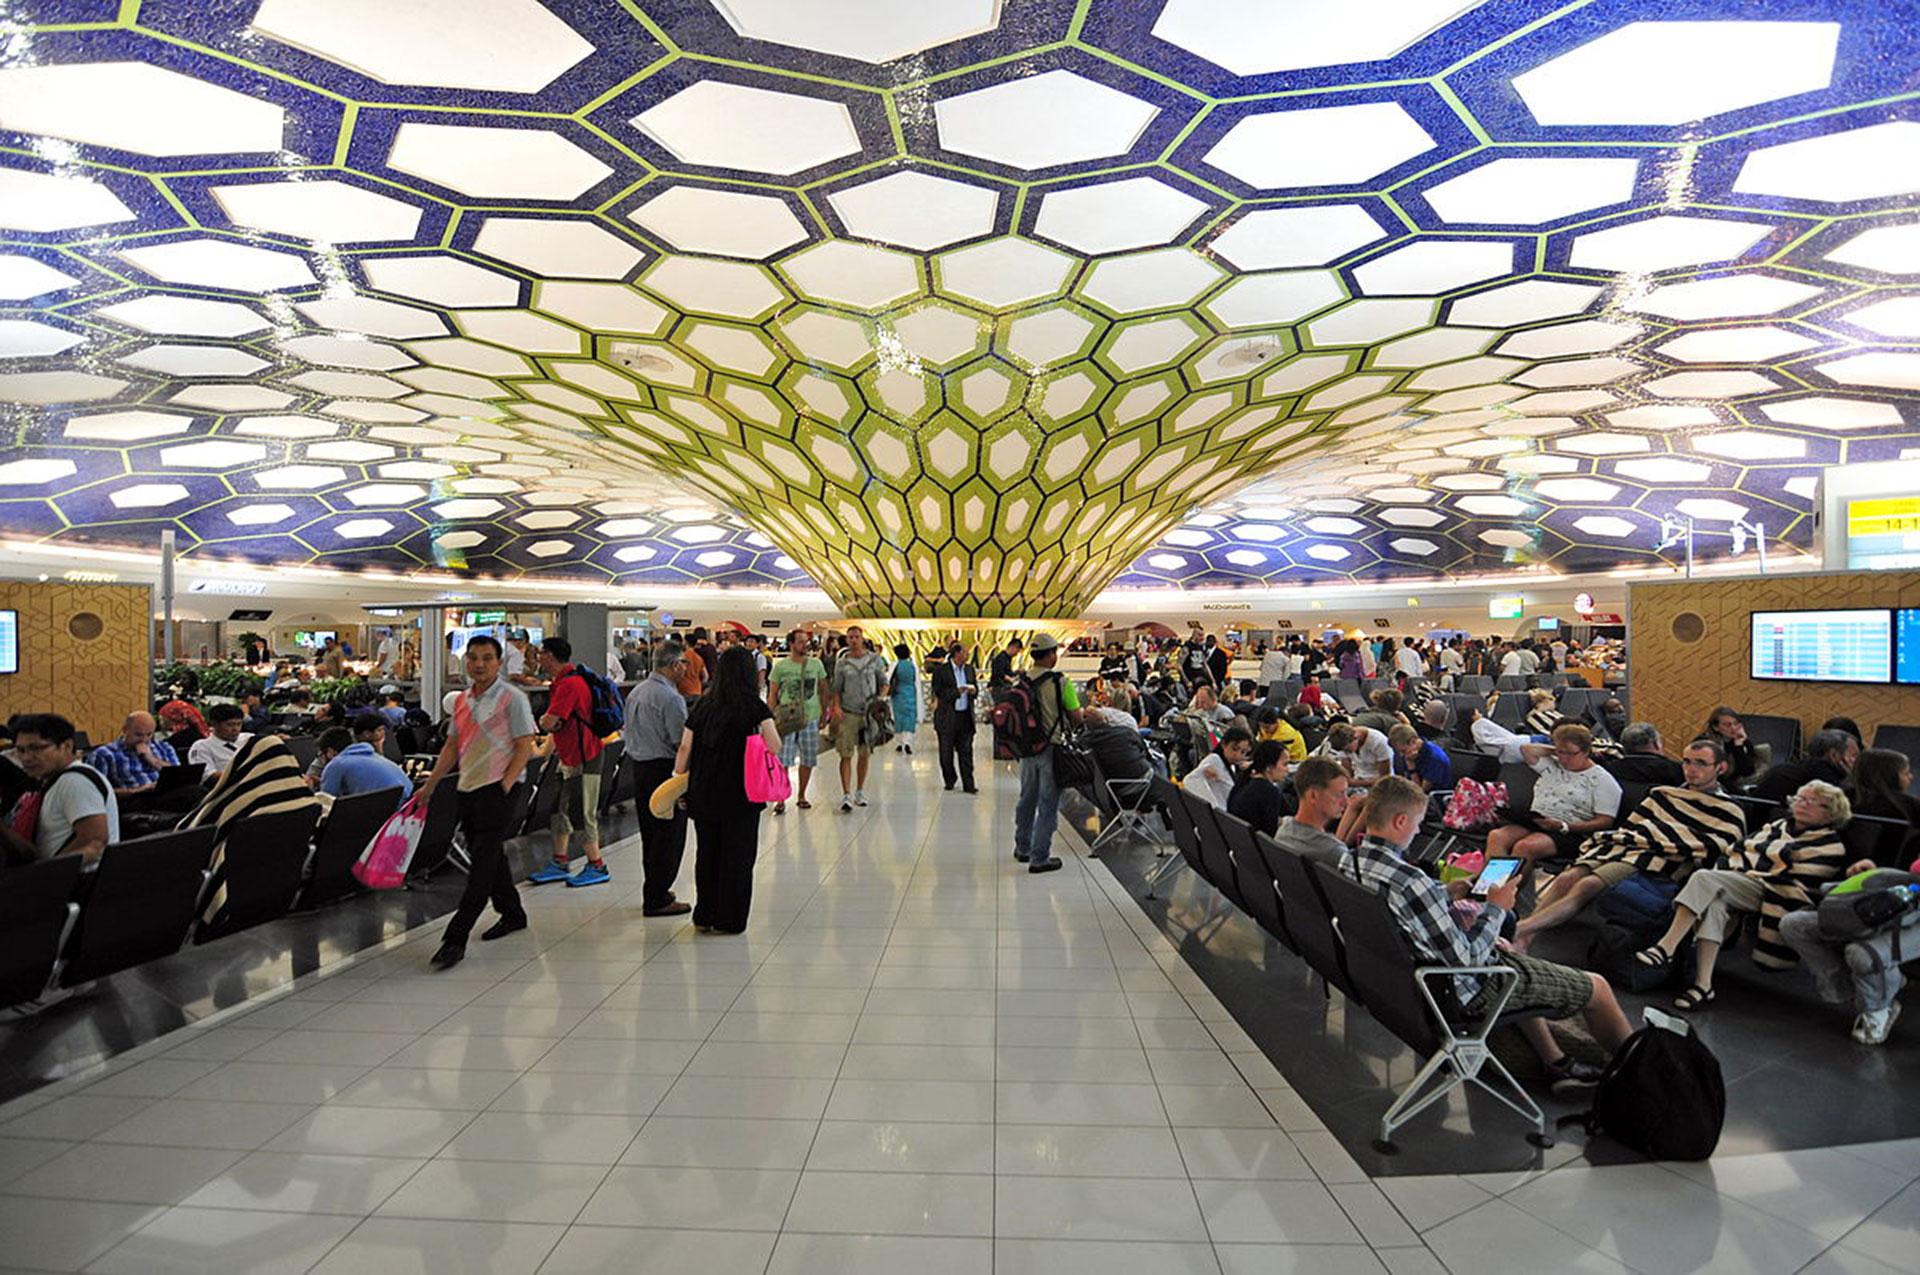 El aeropuerto de Abu Dhabi es uno de los más lujosos del mundo y recibe a miles de millones de turistas por año